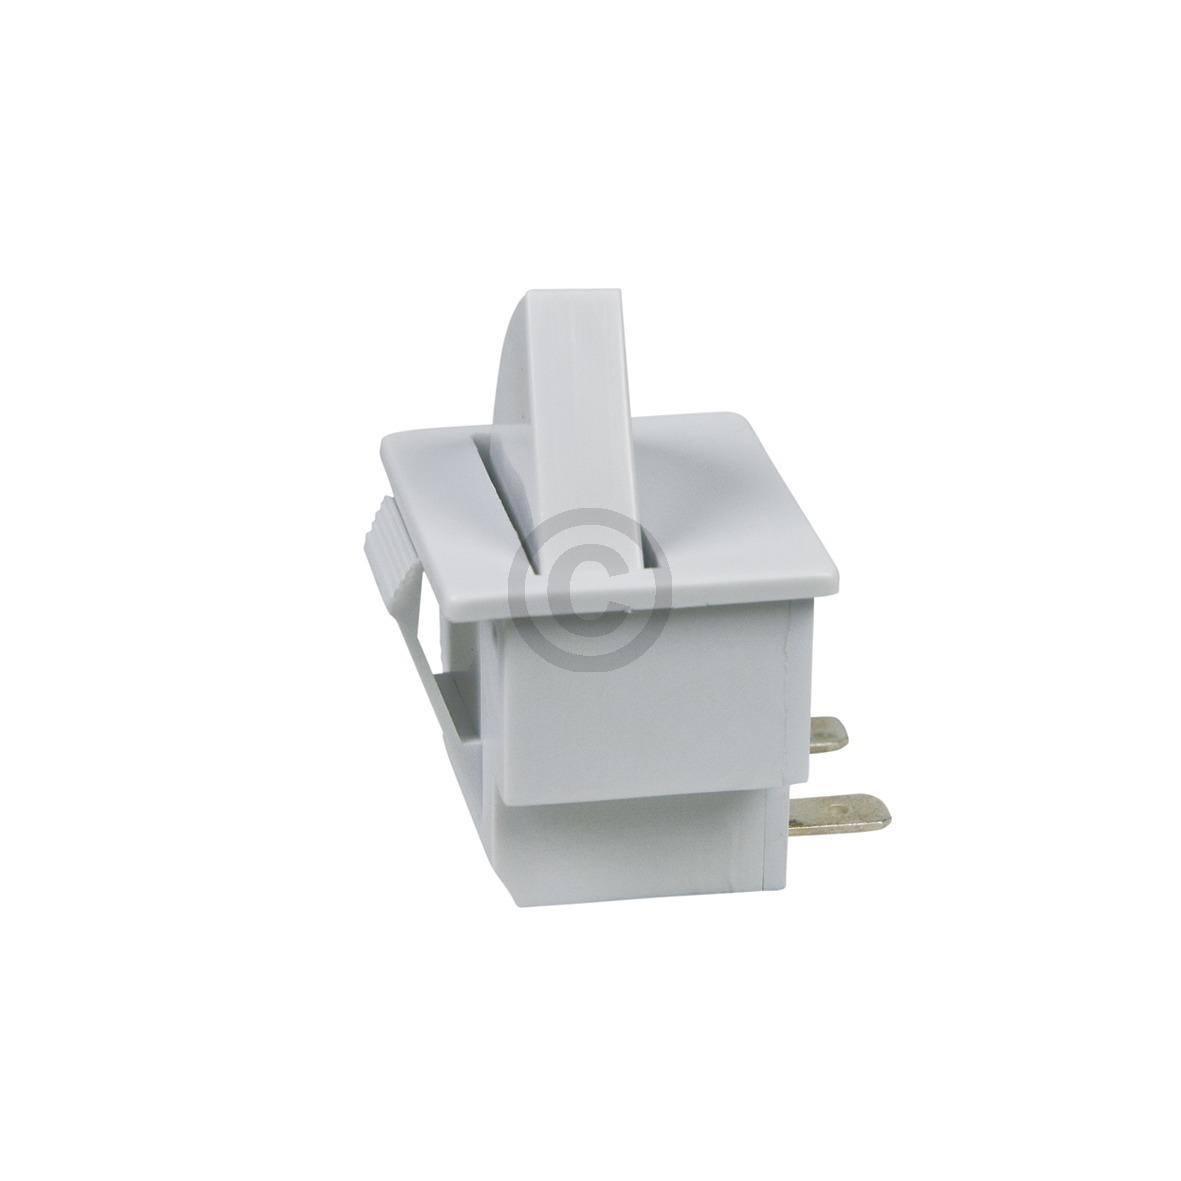 Tastenschalter Lichtschalter Whirlpool 481010398859 für Kühl-Gefrier-Kombination